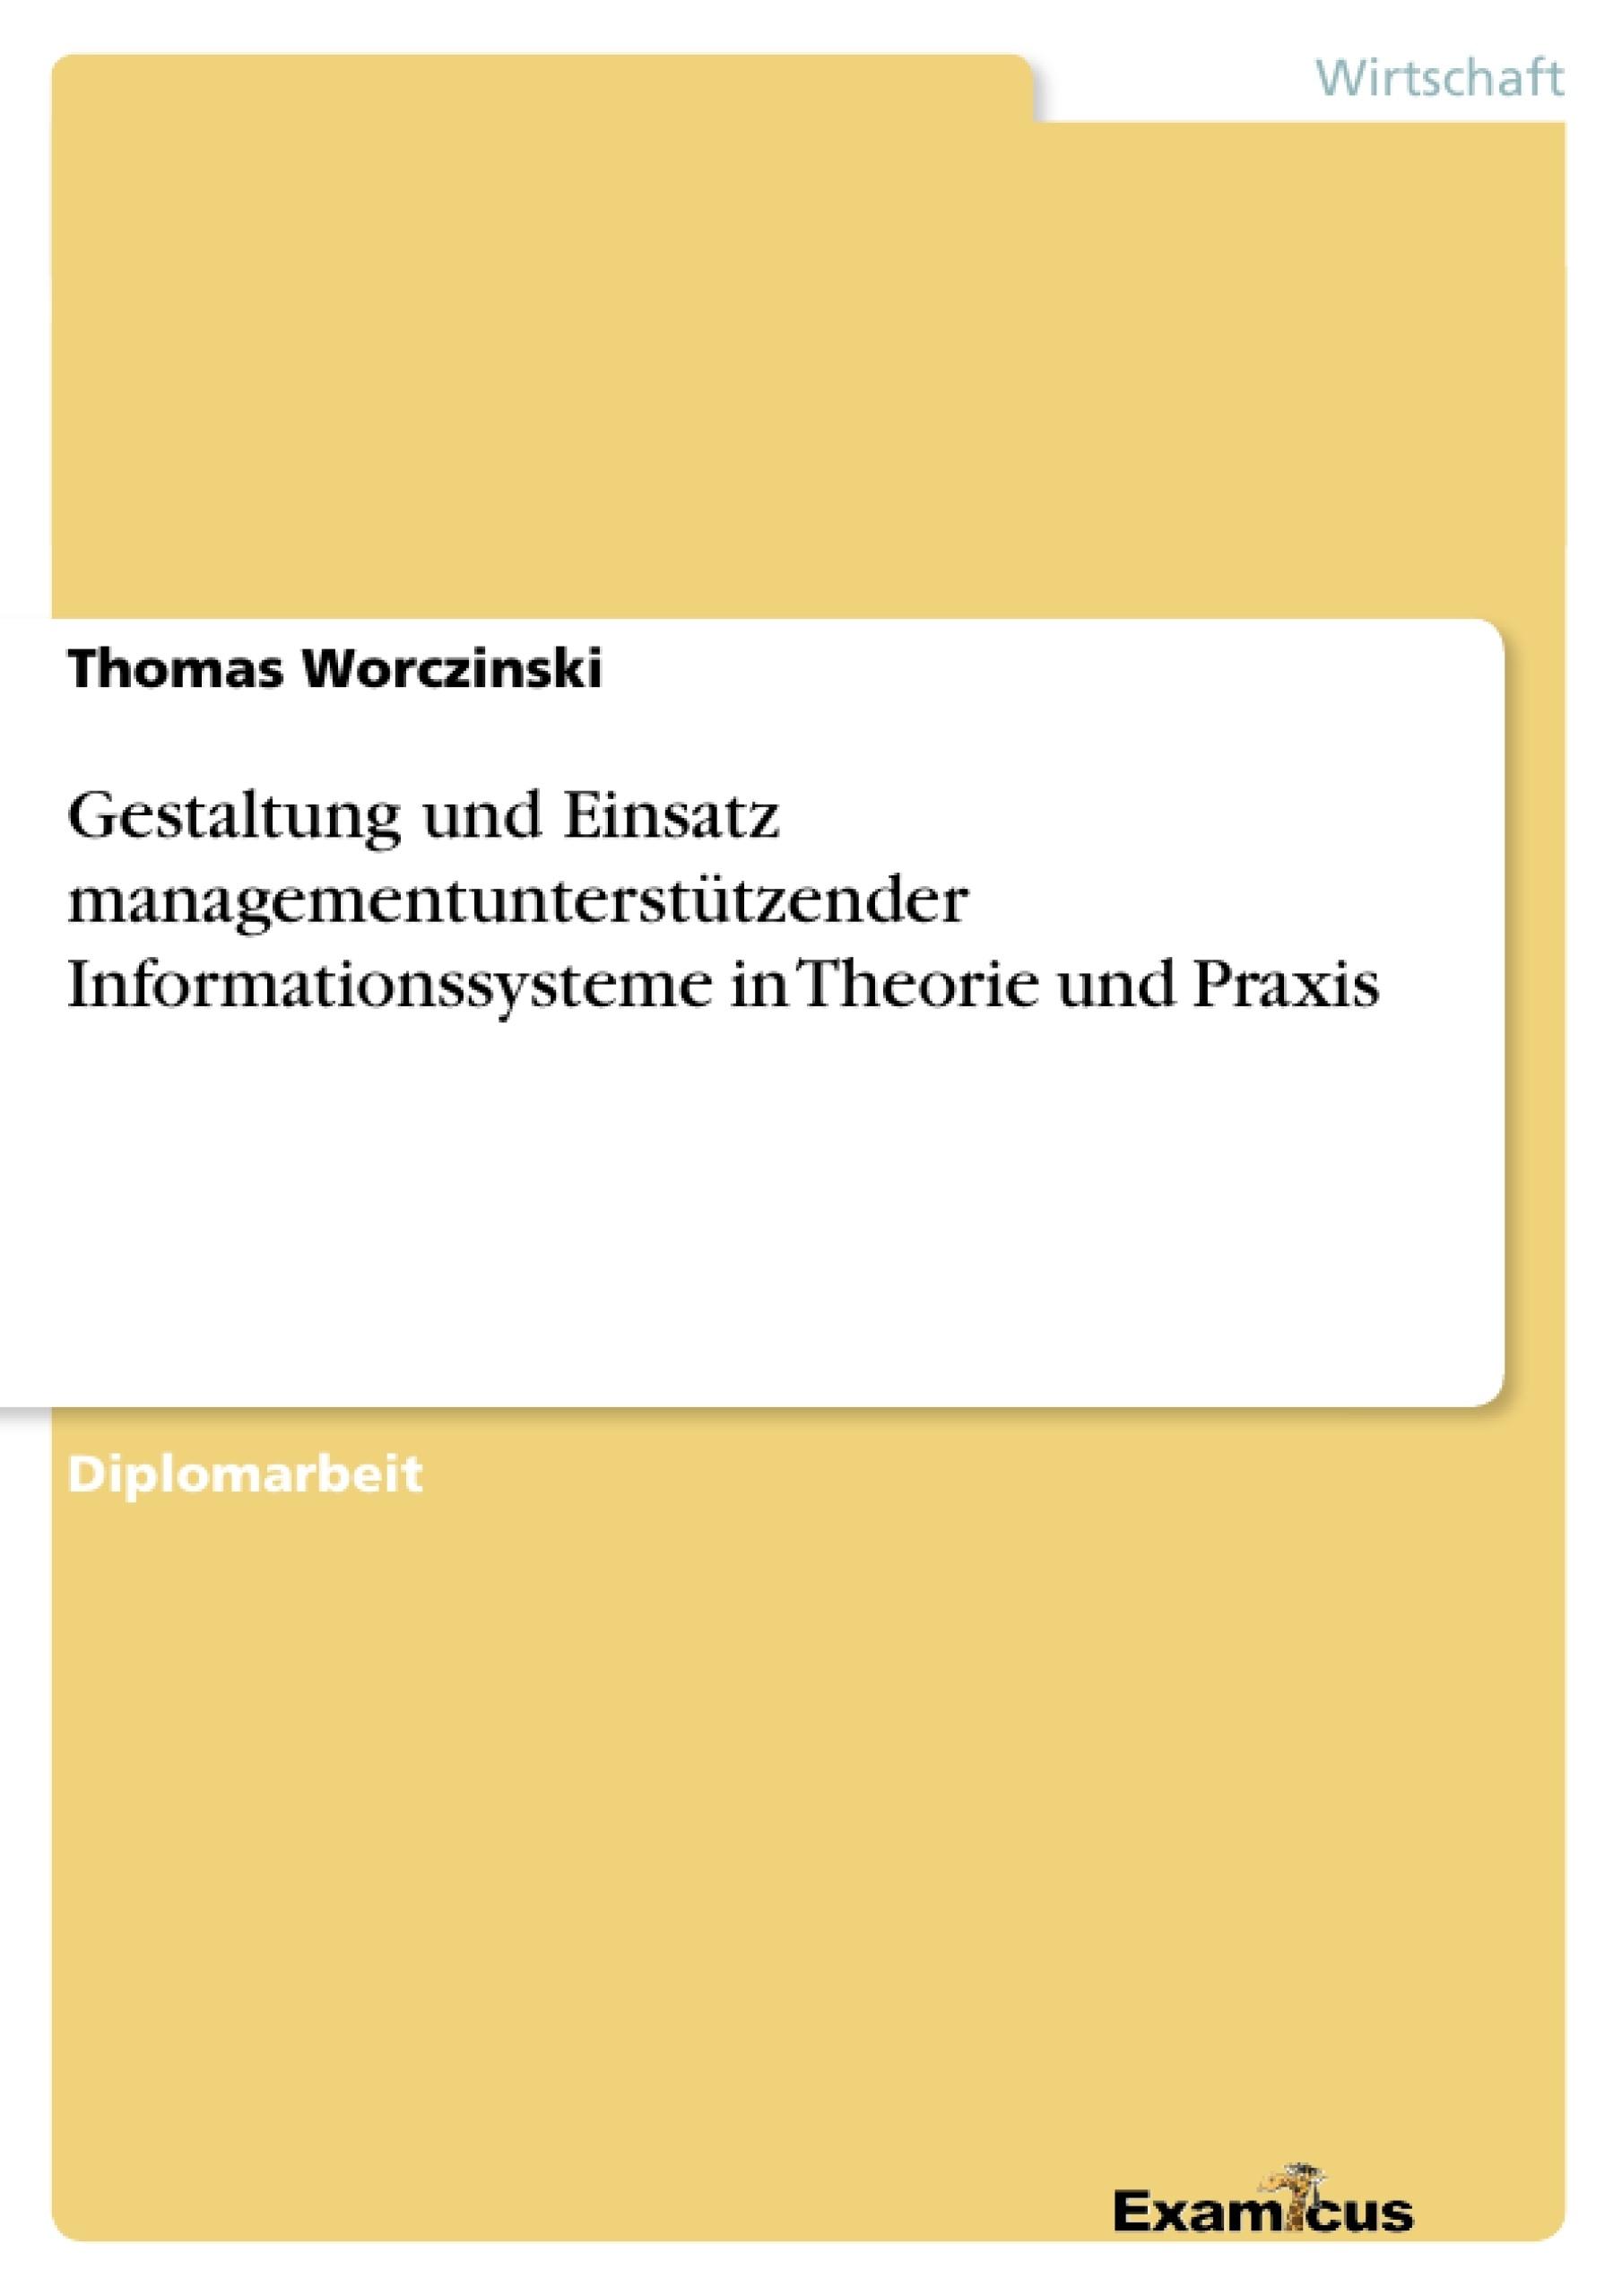 Titel: Gestaltung und Einsatz managementunterstützender Informationssystemein Theorie und Praxis